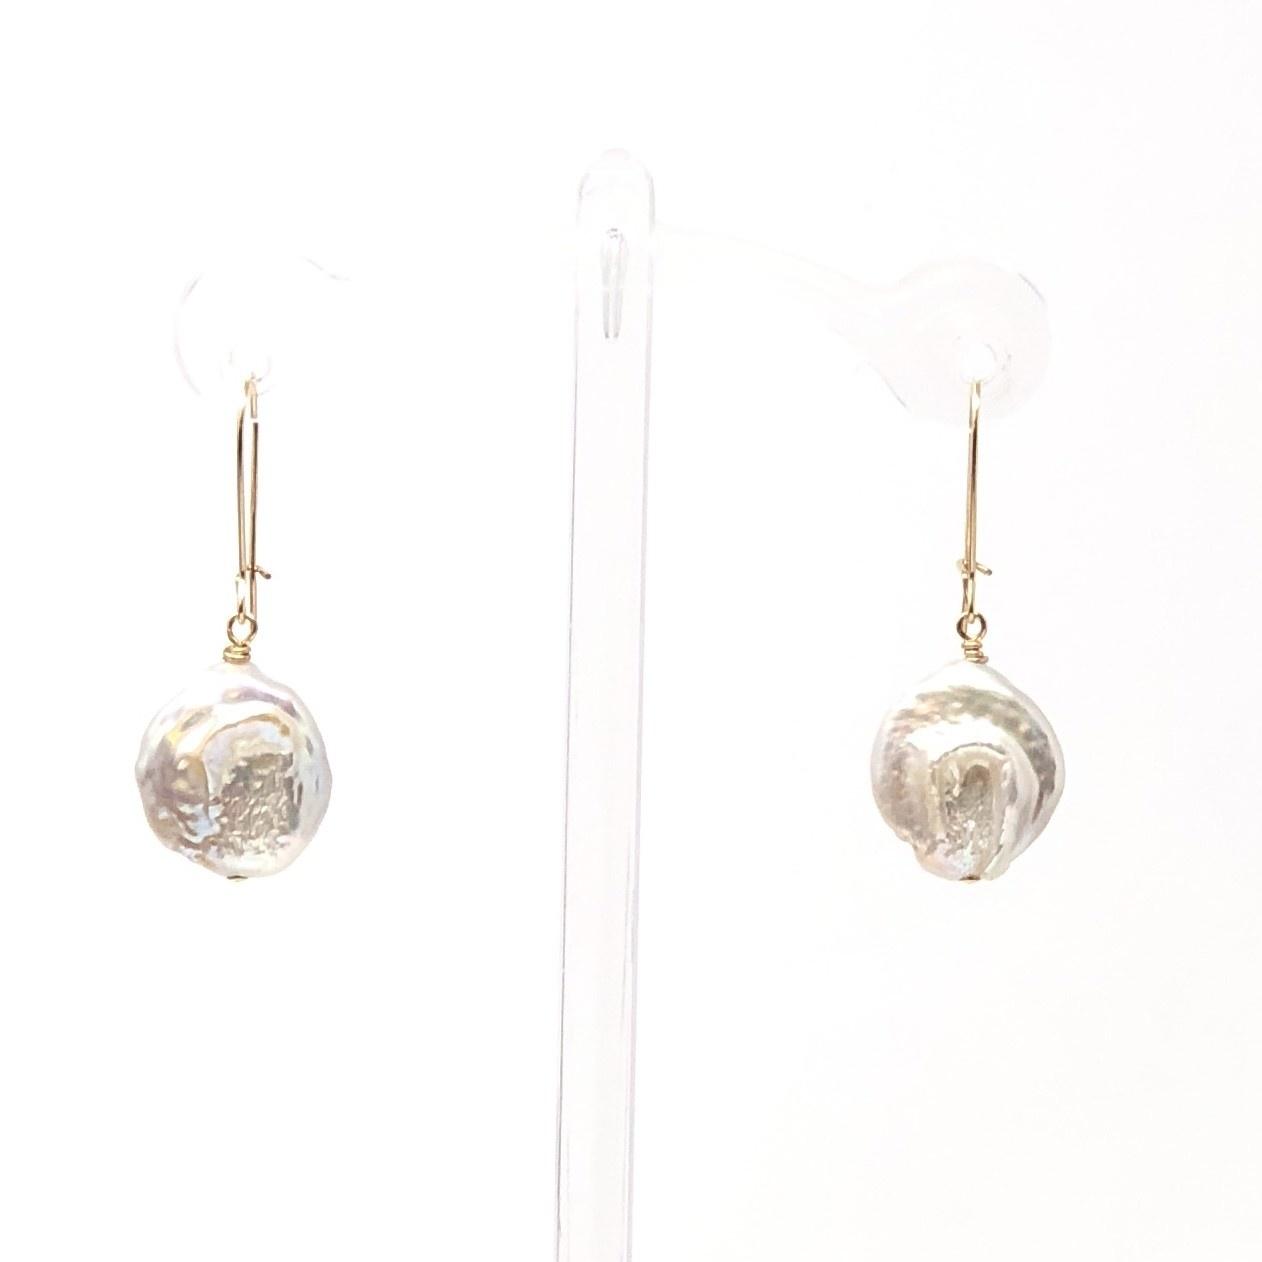 GF Lustre Pearl Kidney Wire Earrings